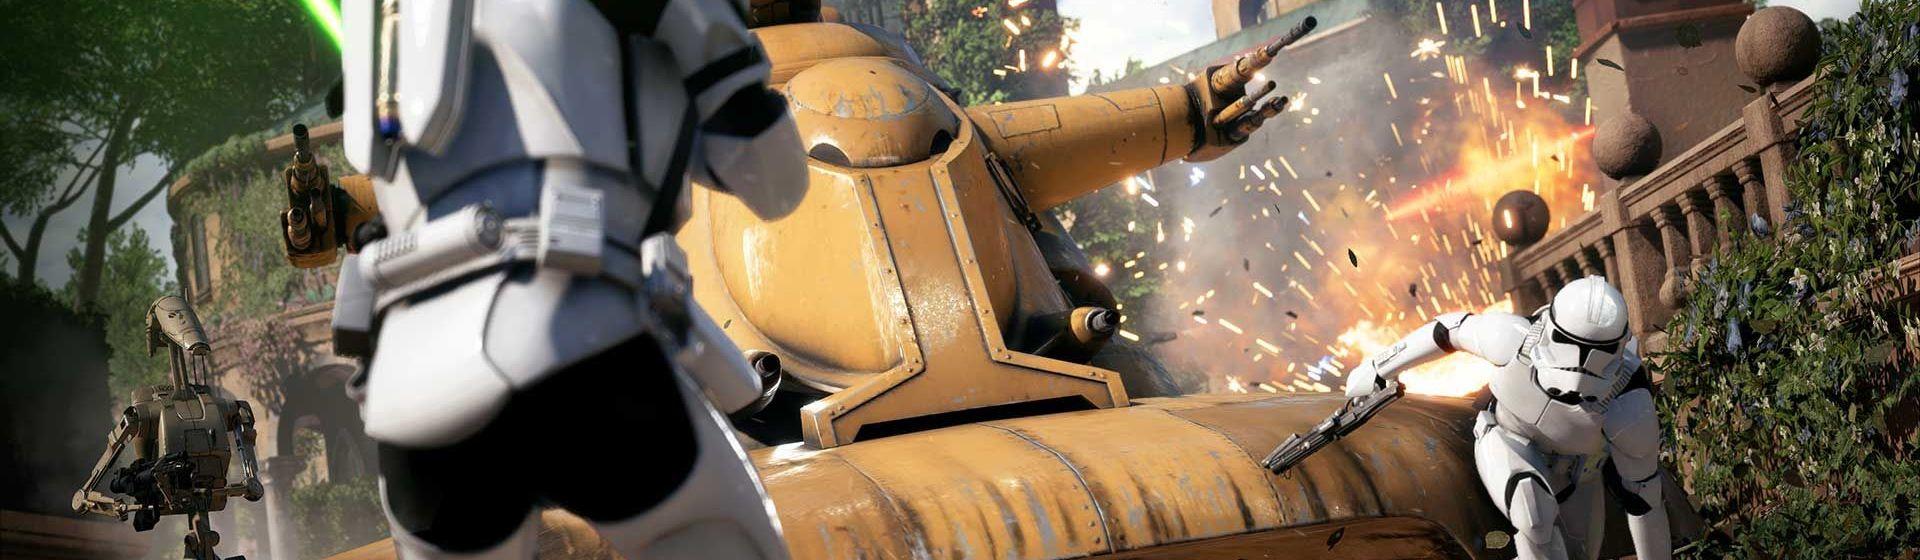 Star Wars Battlefront 2 e CoD: WWII estão grátis no PS4 em junho